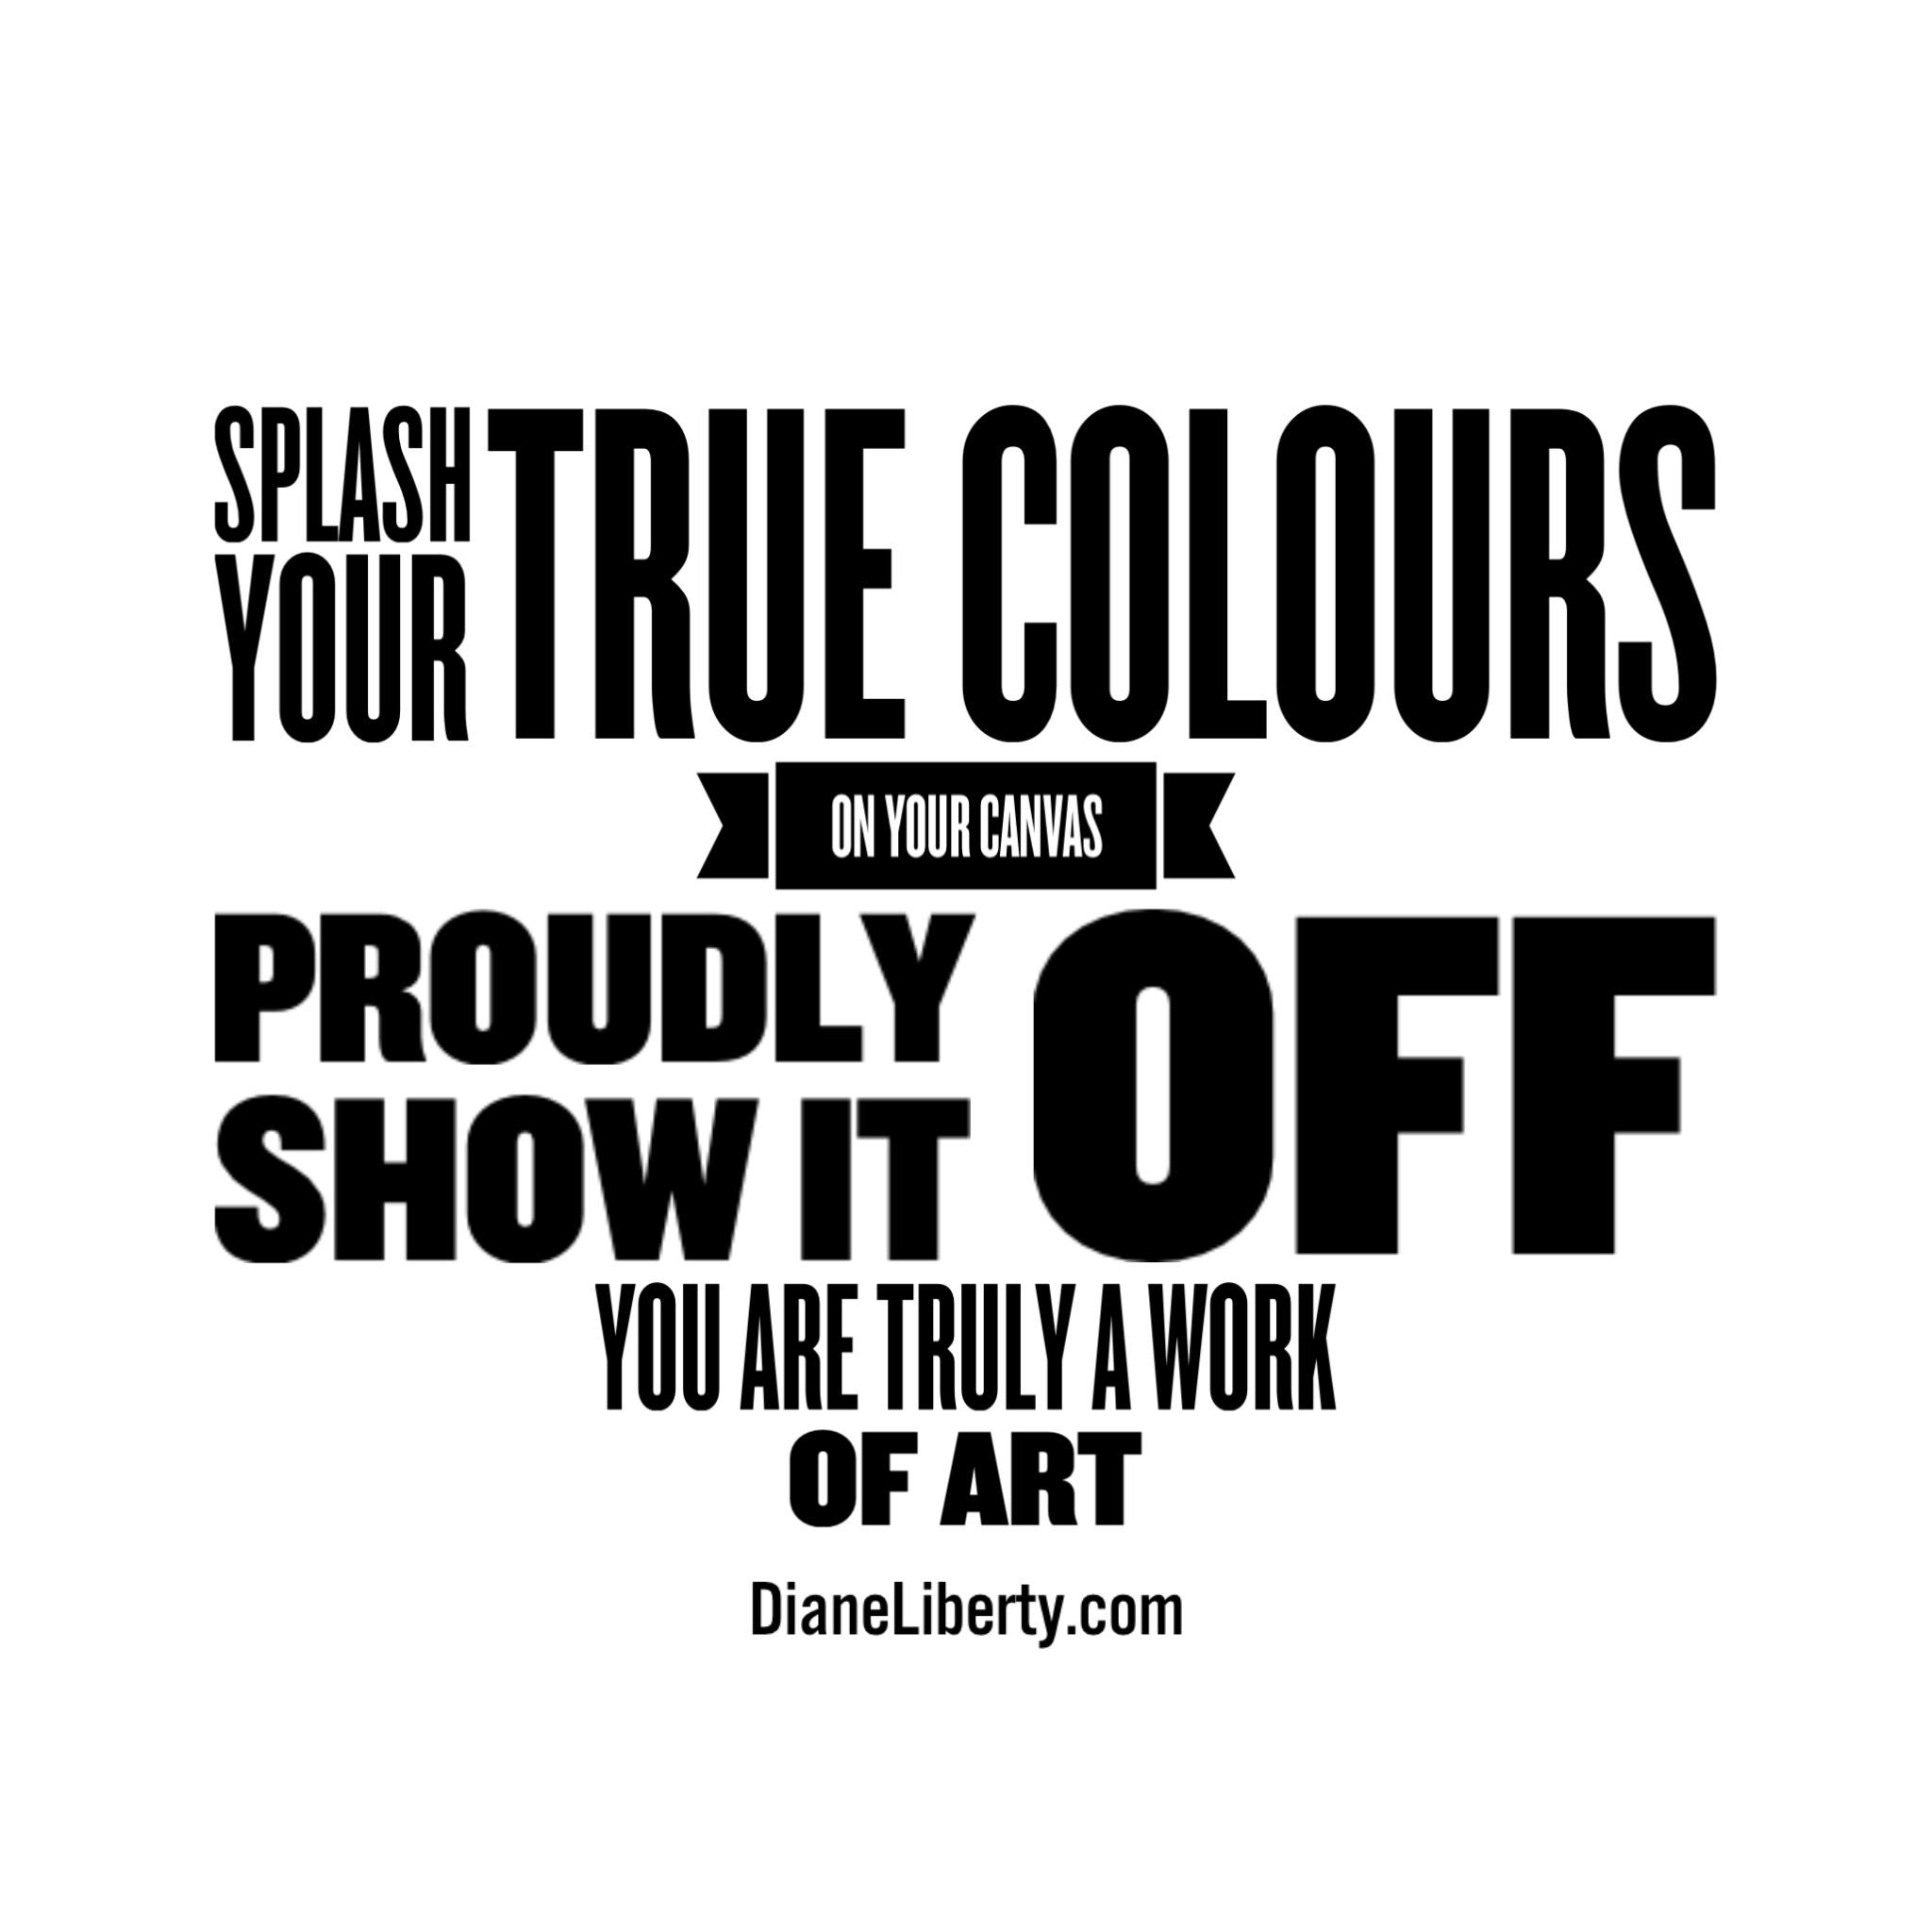 Splash Your True Colours